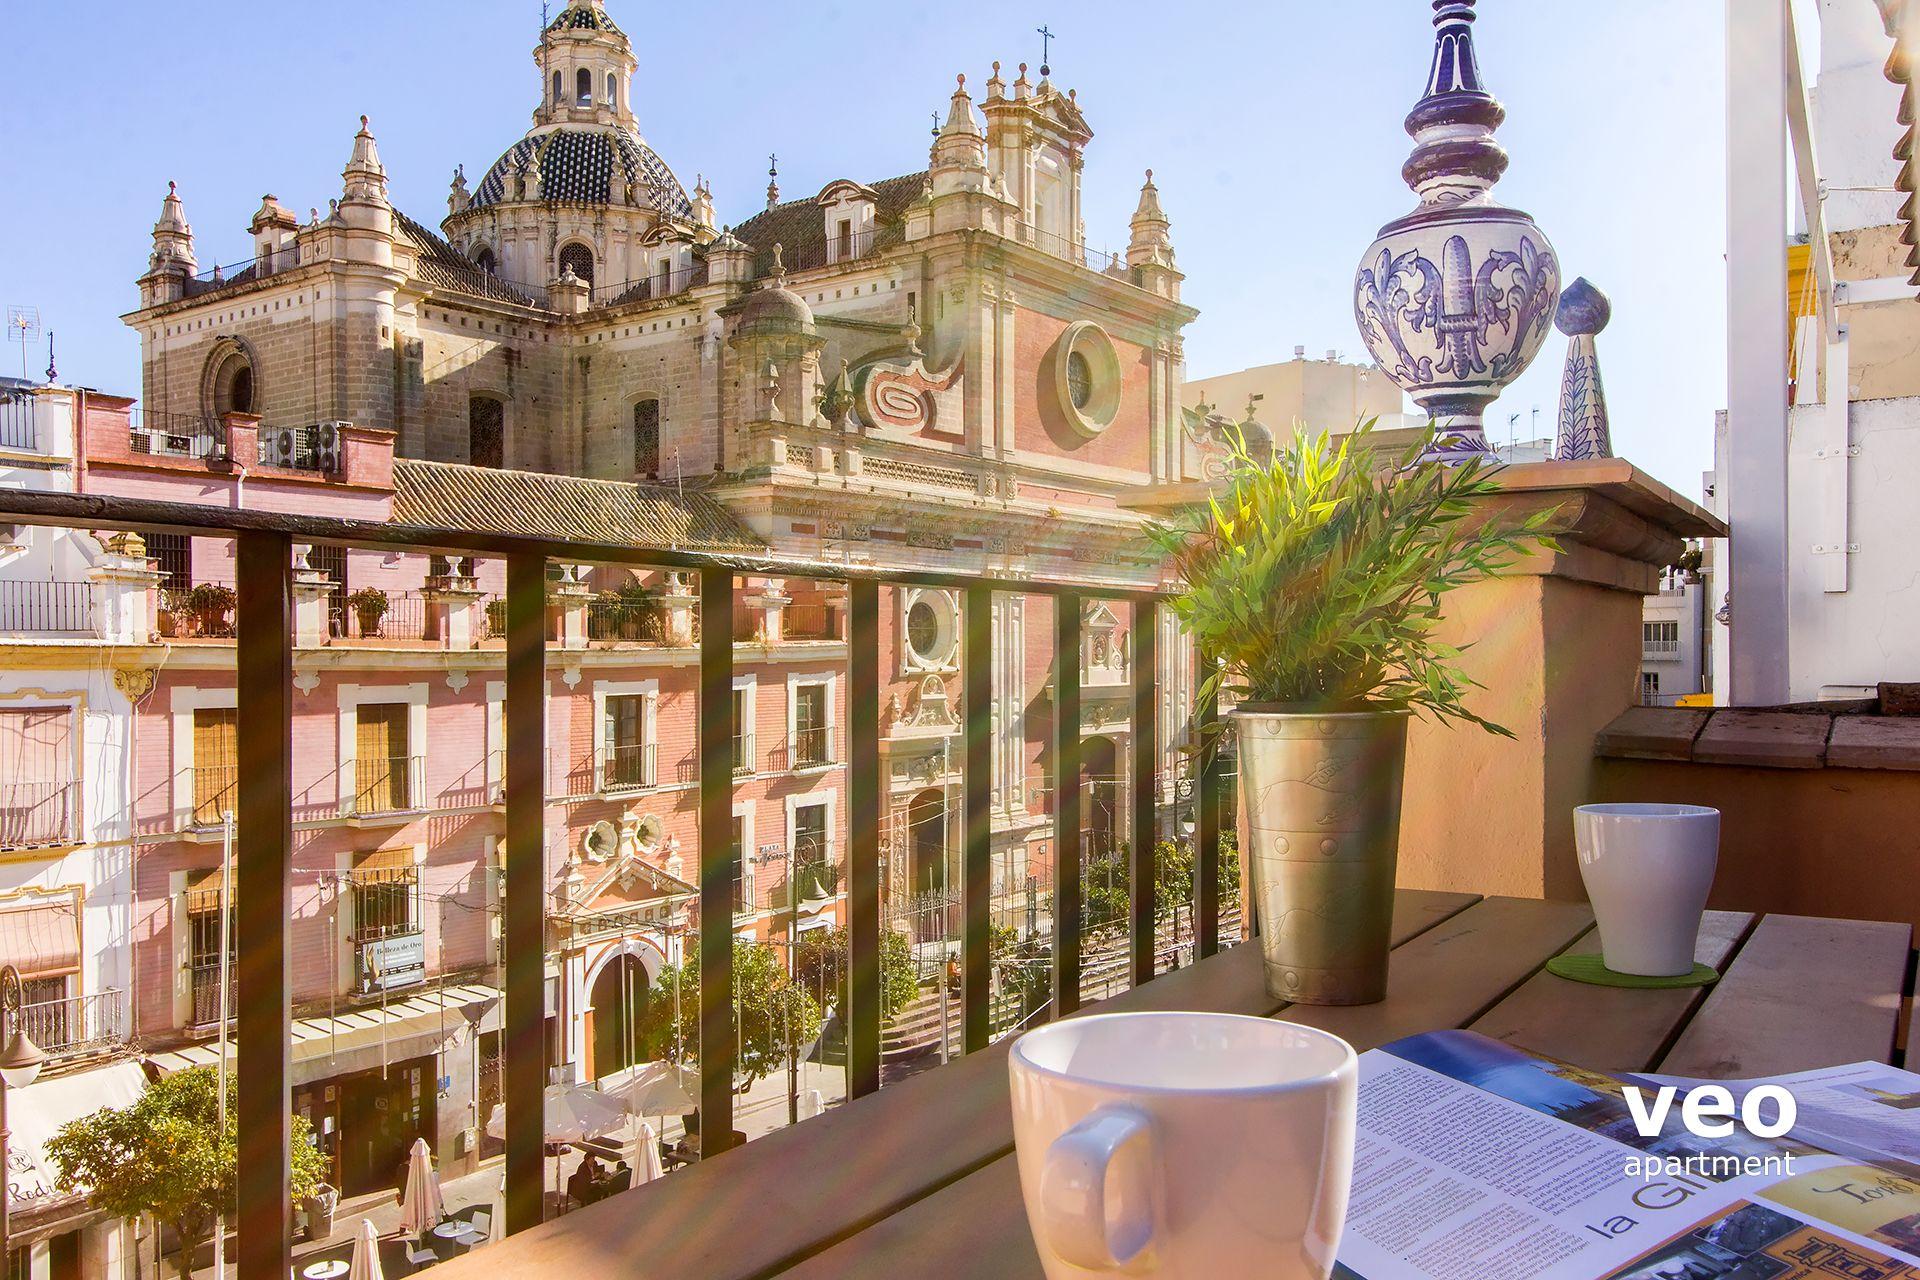 Seville Apartment Del Salvador Square Seville Spain